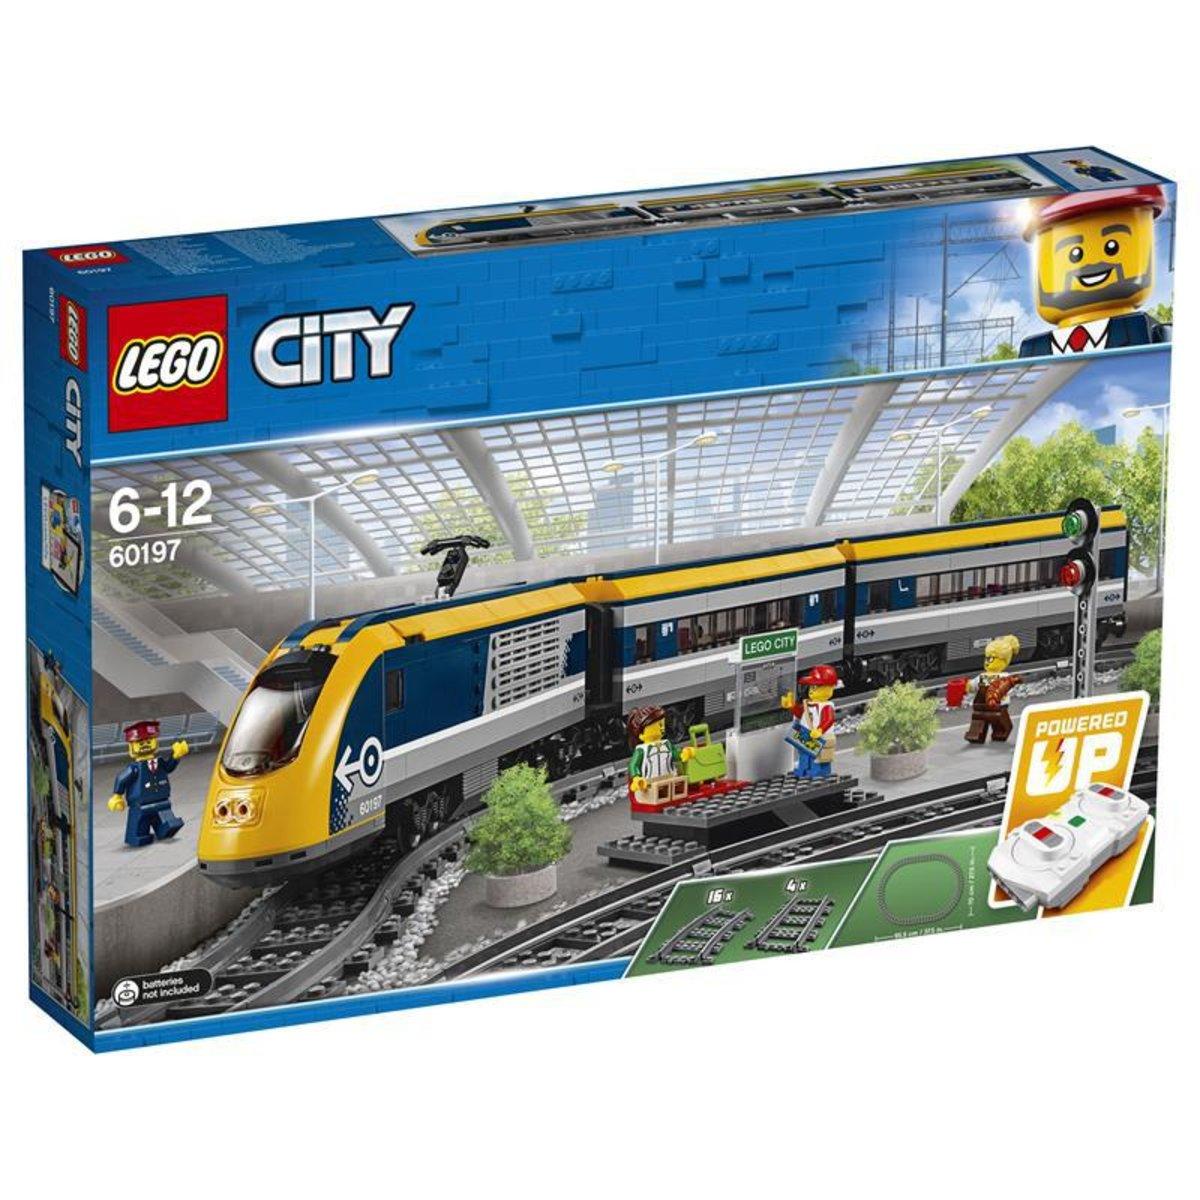 60197 城市系列 客運火車